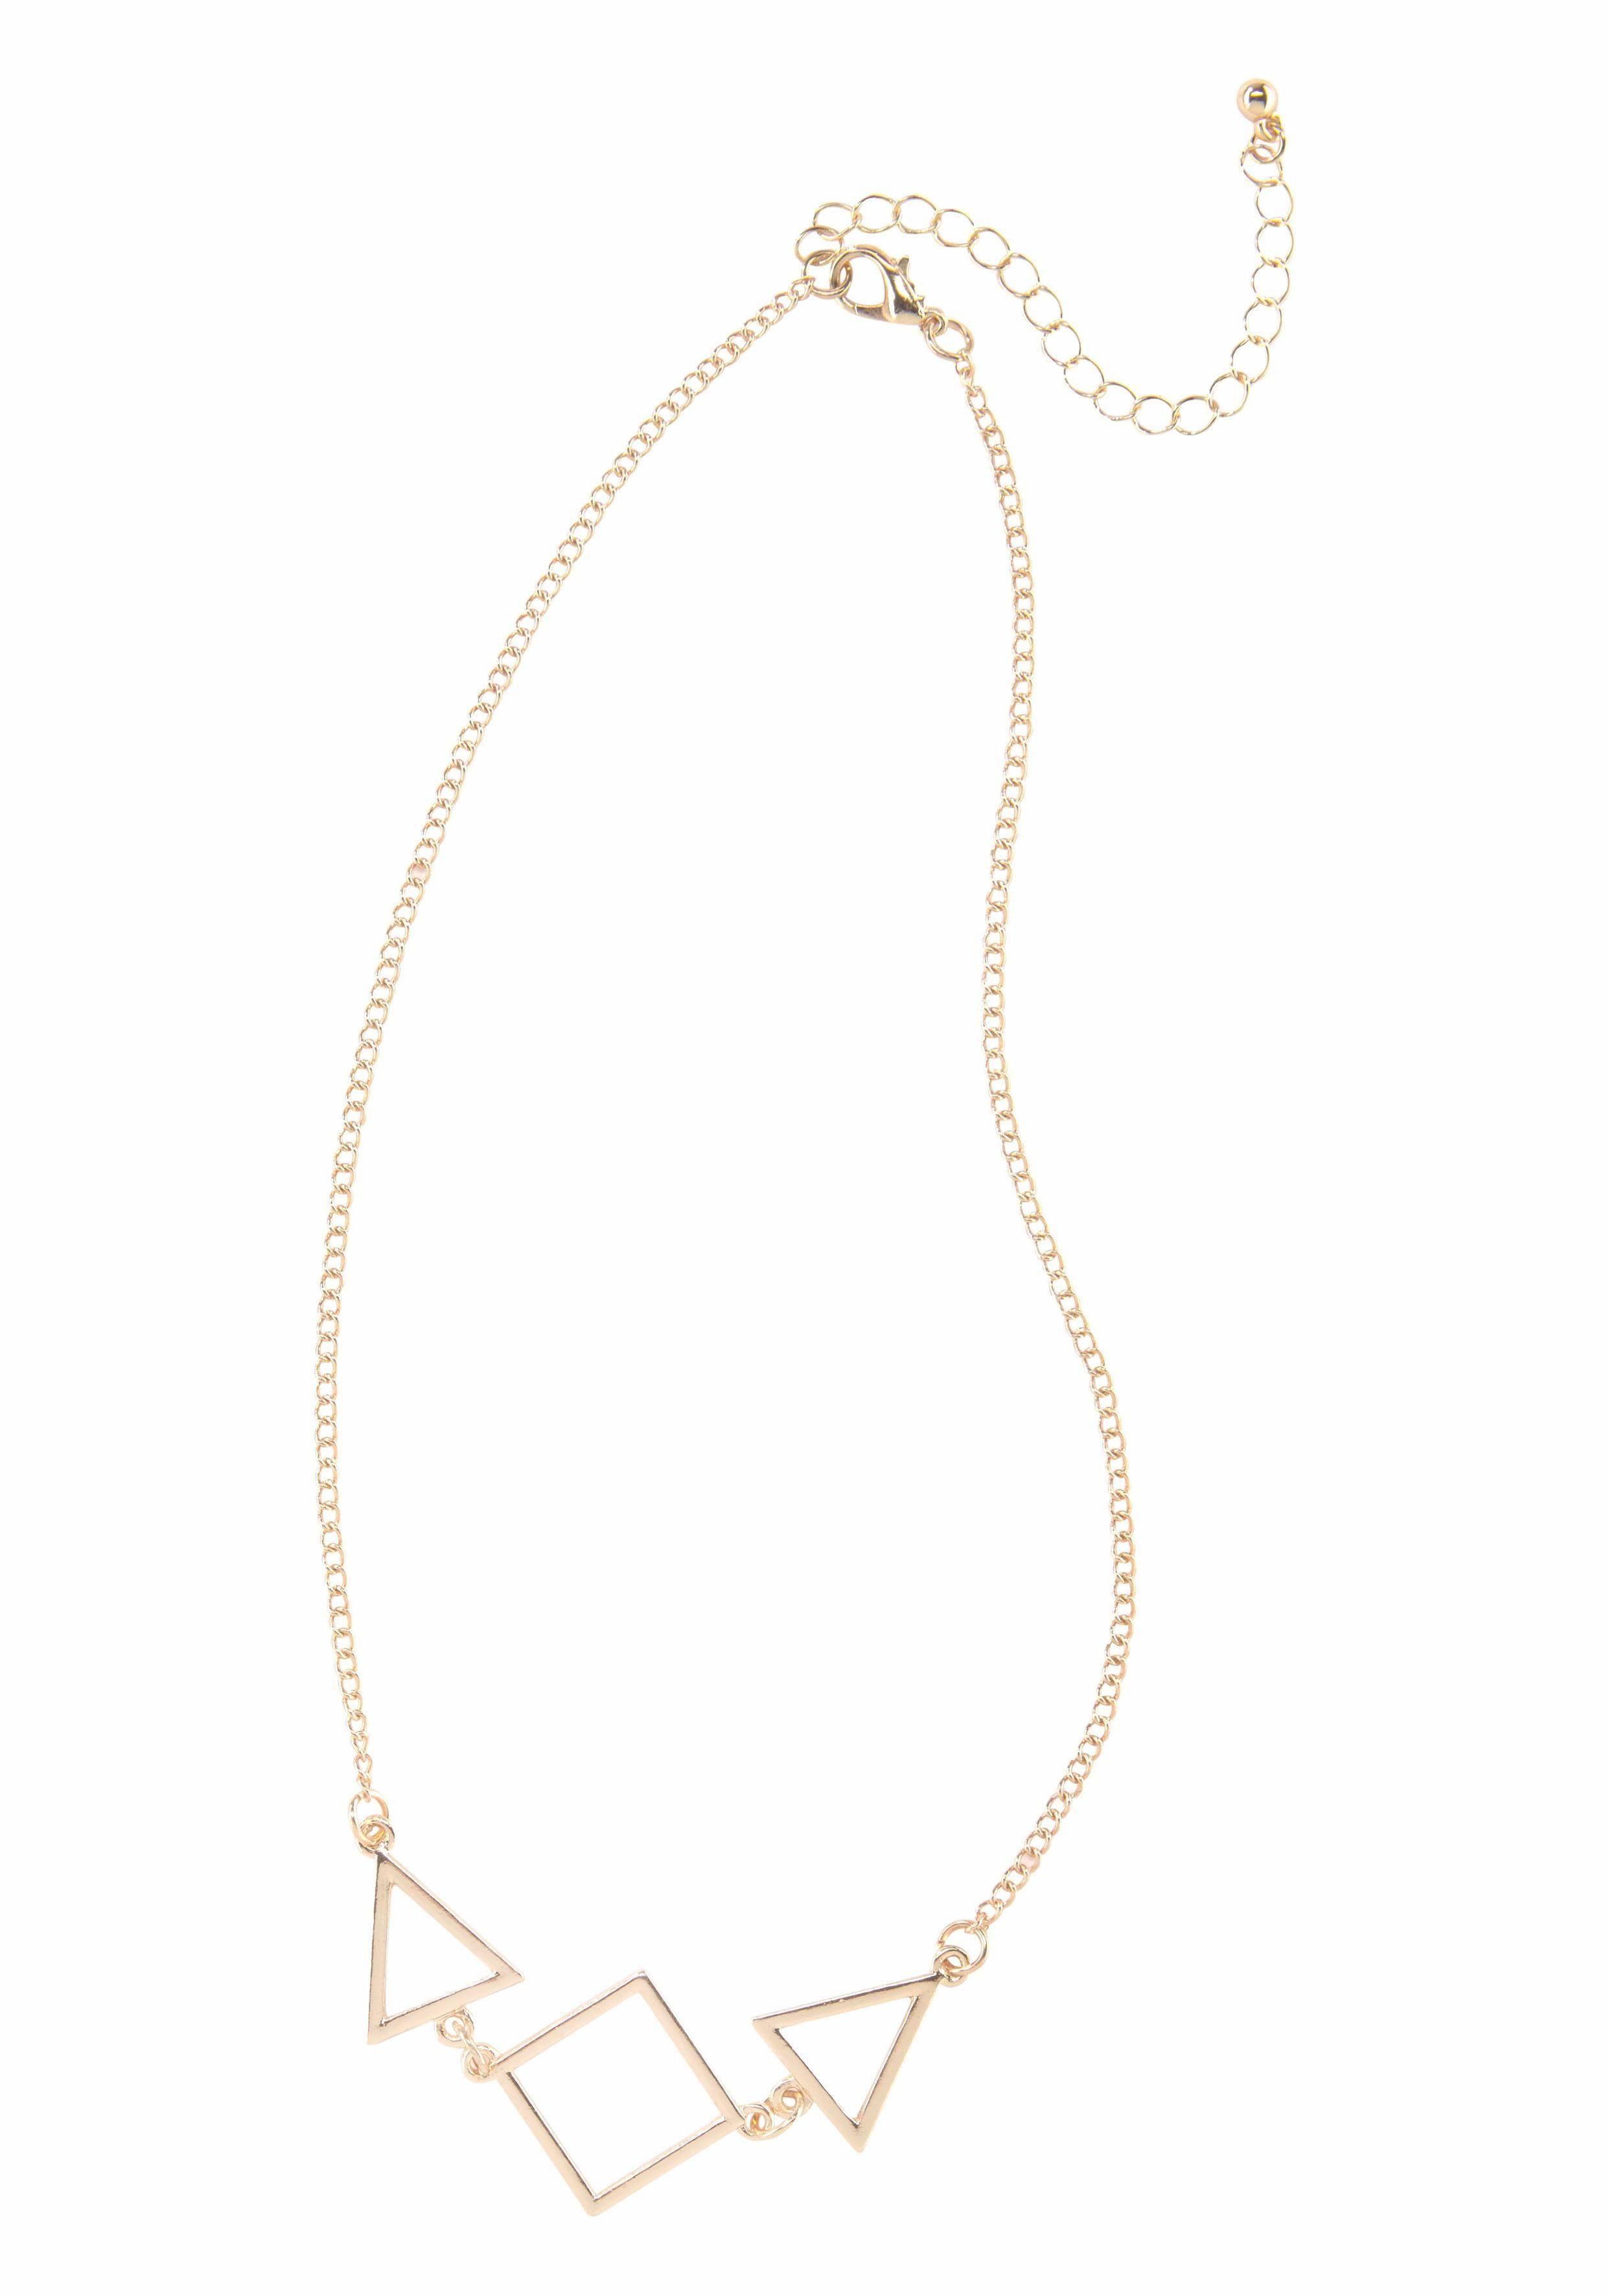 Halsketten & Anhänger Uhren & Schmuck Halskette Mit Drei Elementen Aus Metall